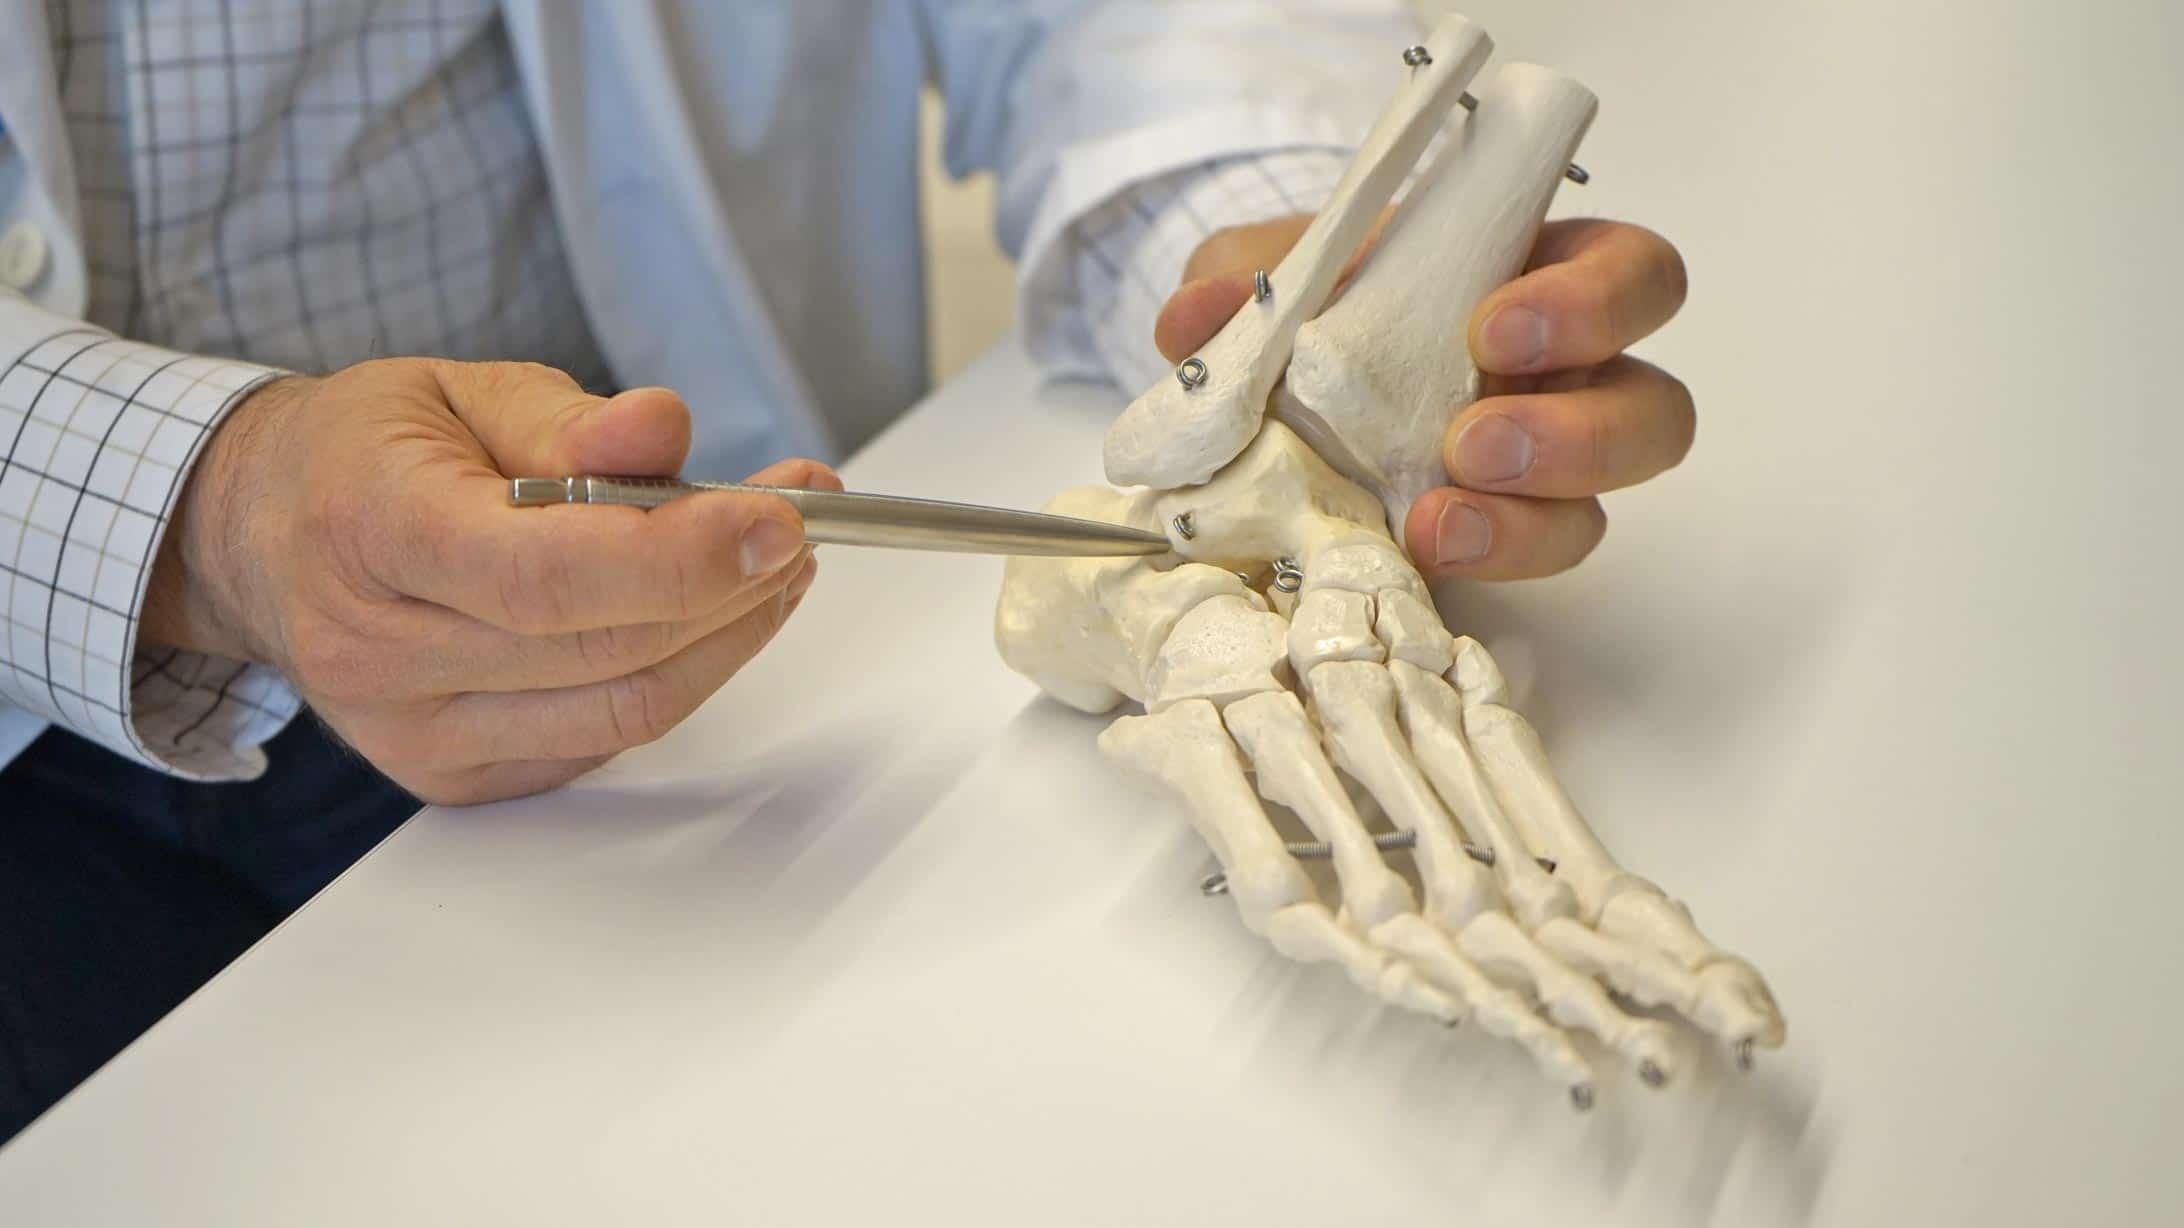 Fusschirurg Urs Neurauter zeigt ein Modell eines Fusses.